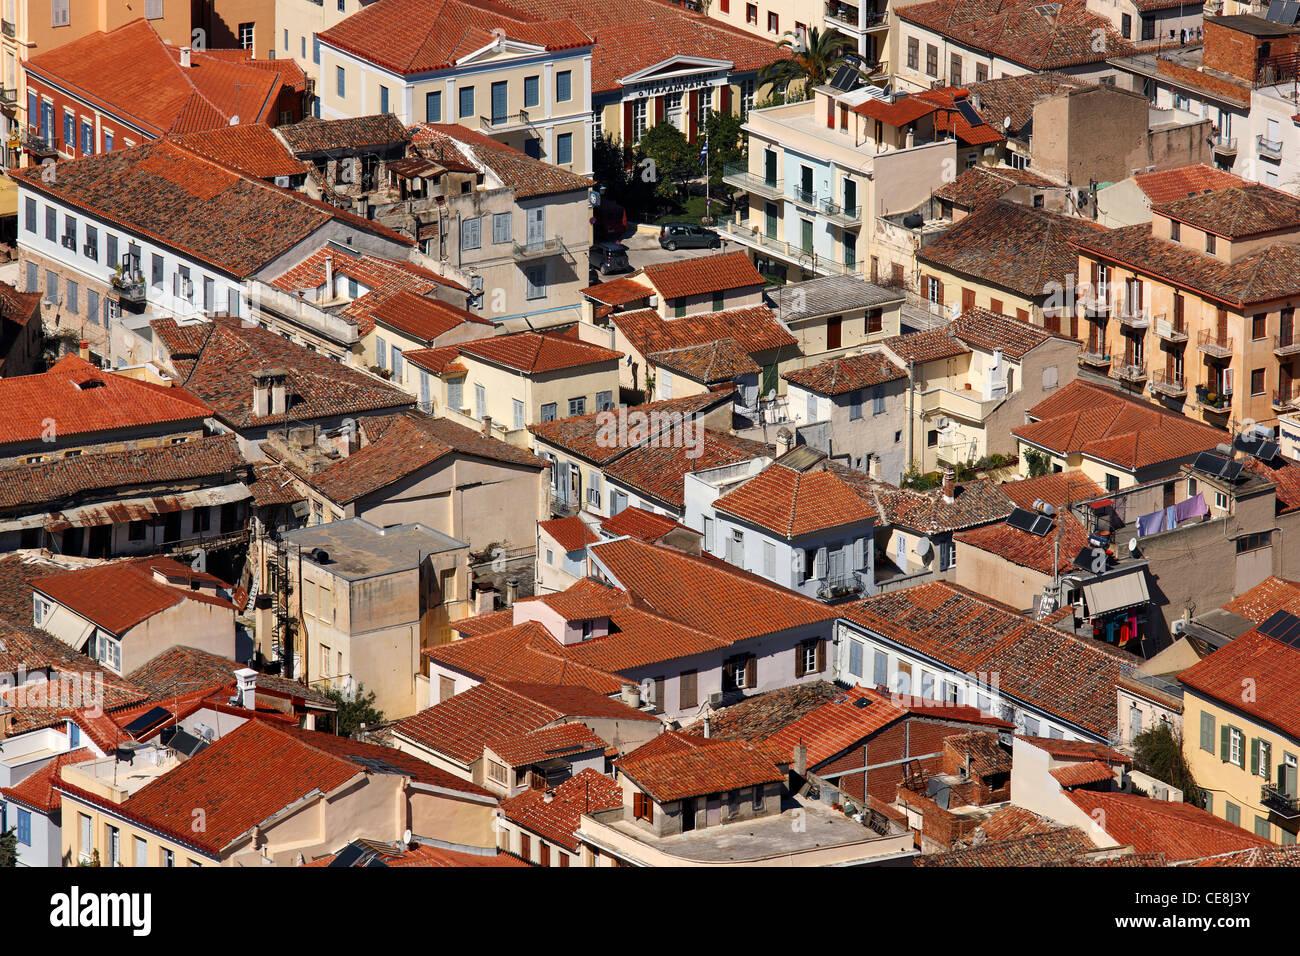 'Dettaglio' dalla parte vecchia Nafplio città con i suoi caratteristici tetti in tegole rosse. Foto Immagini Stock